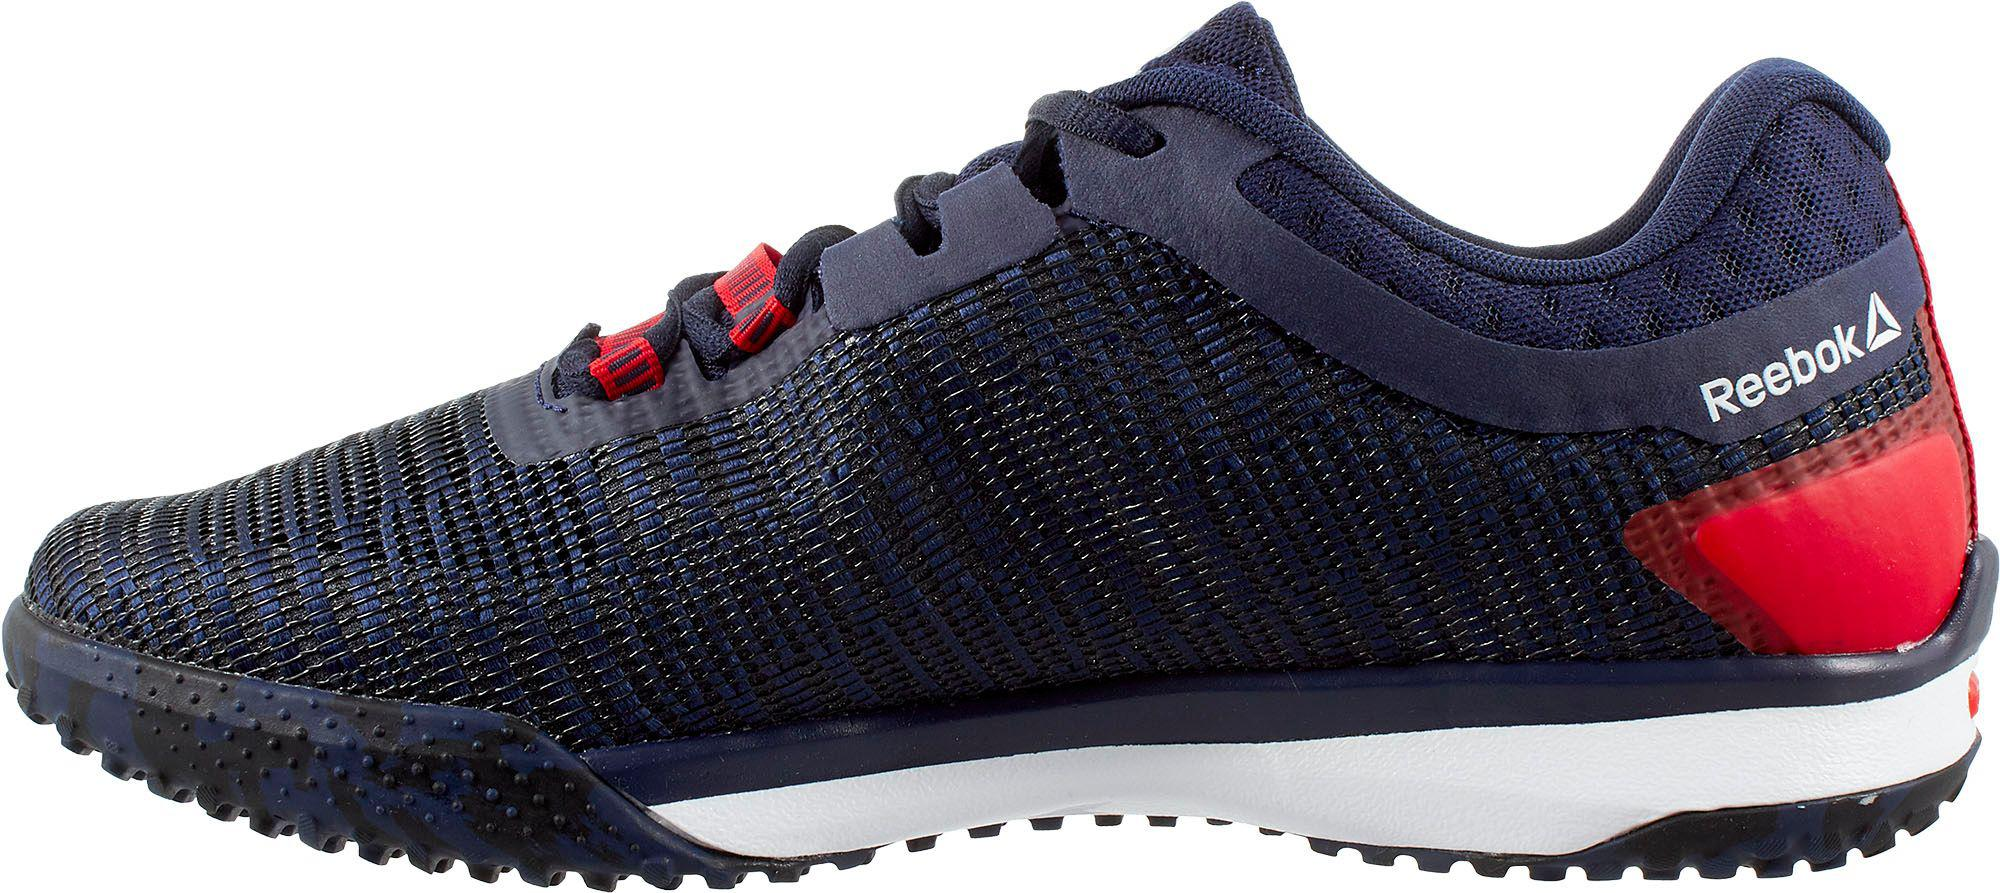 491a3ae022ac Lyst - Reebok Jj Watt Ii Tr Training Shoes in Blue for Men